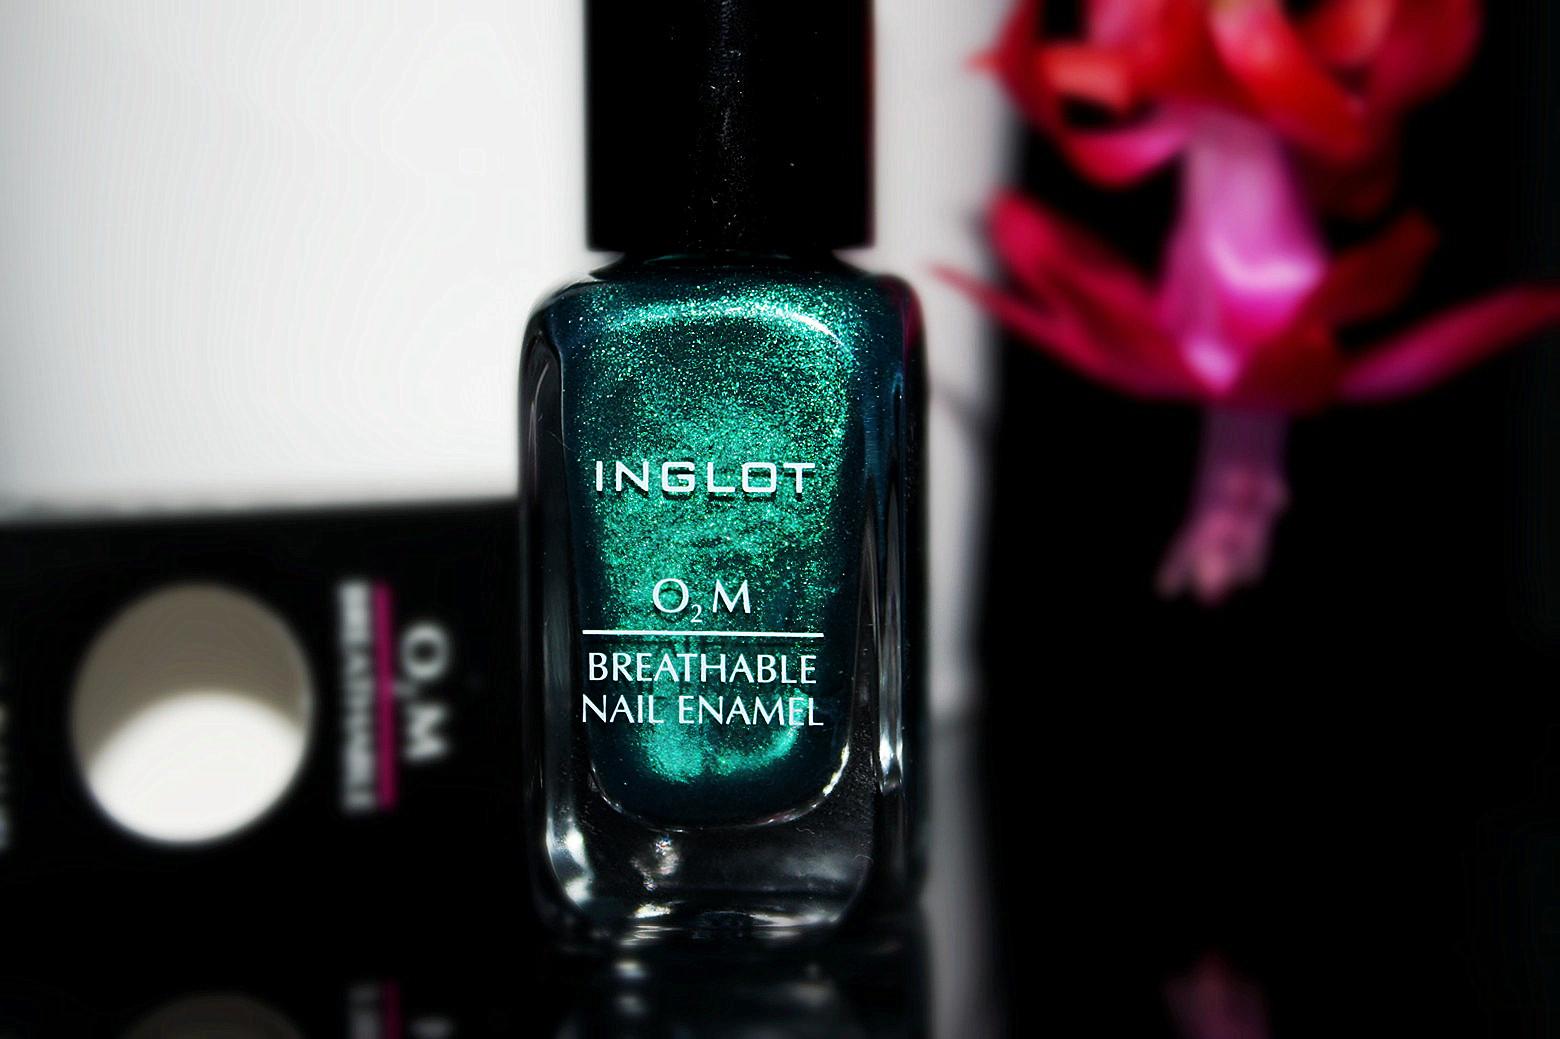 oddychający lakier do paznokci inglot, turkusowy lakier, manicure inglot